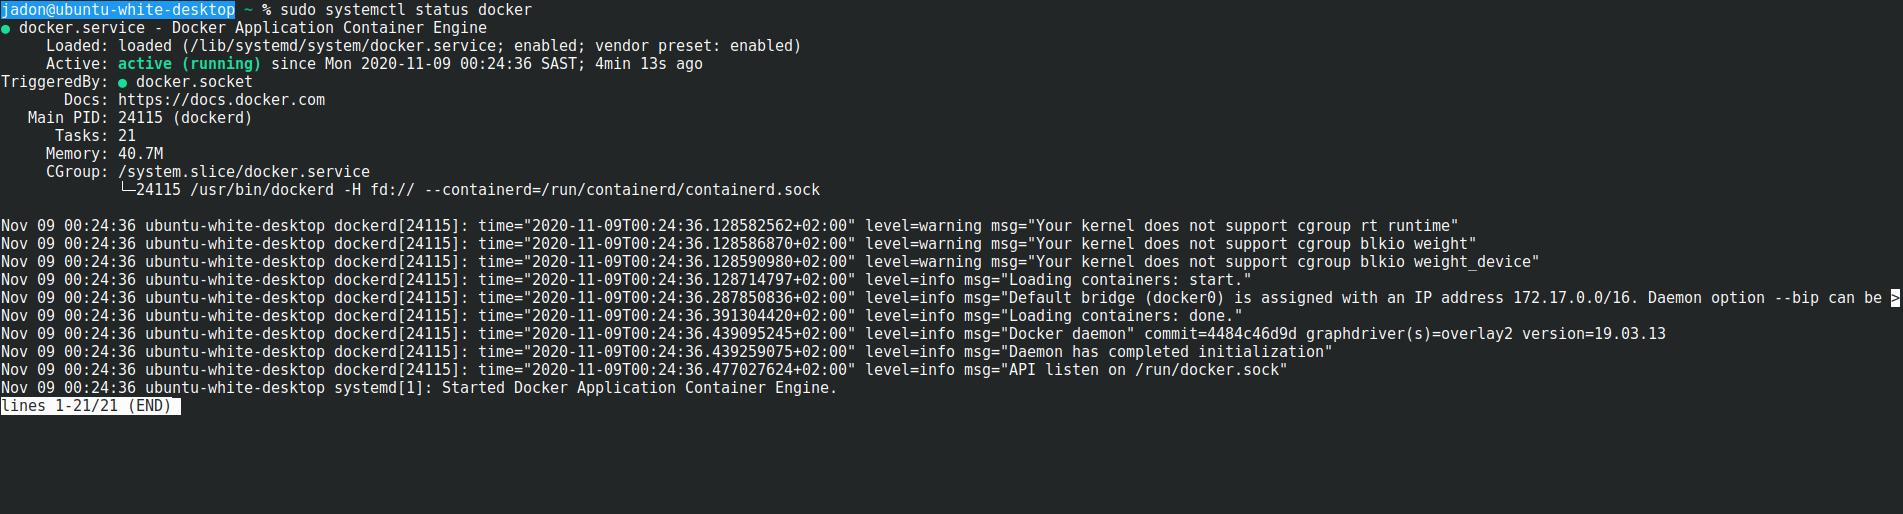 Ubuntu 20.20 Docker is not running, but is · Issue 20 · tighten ...